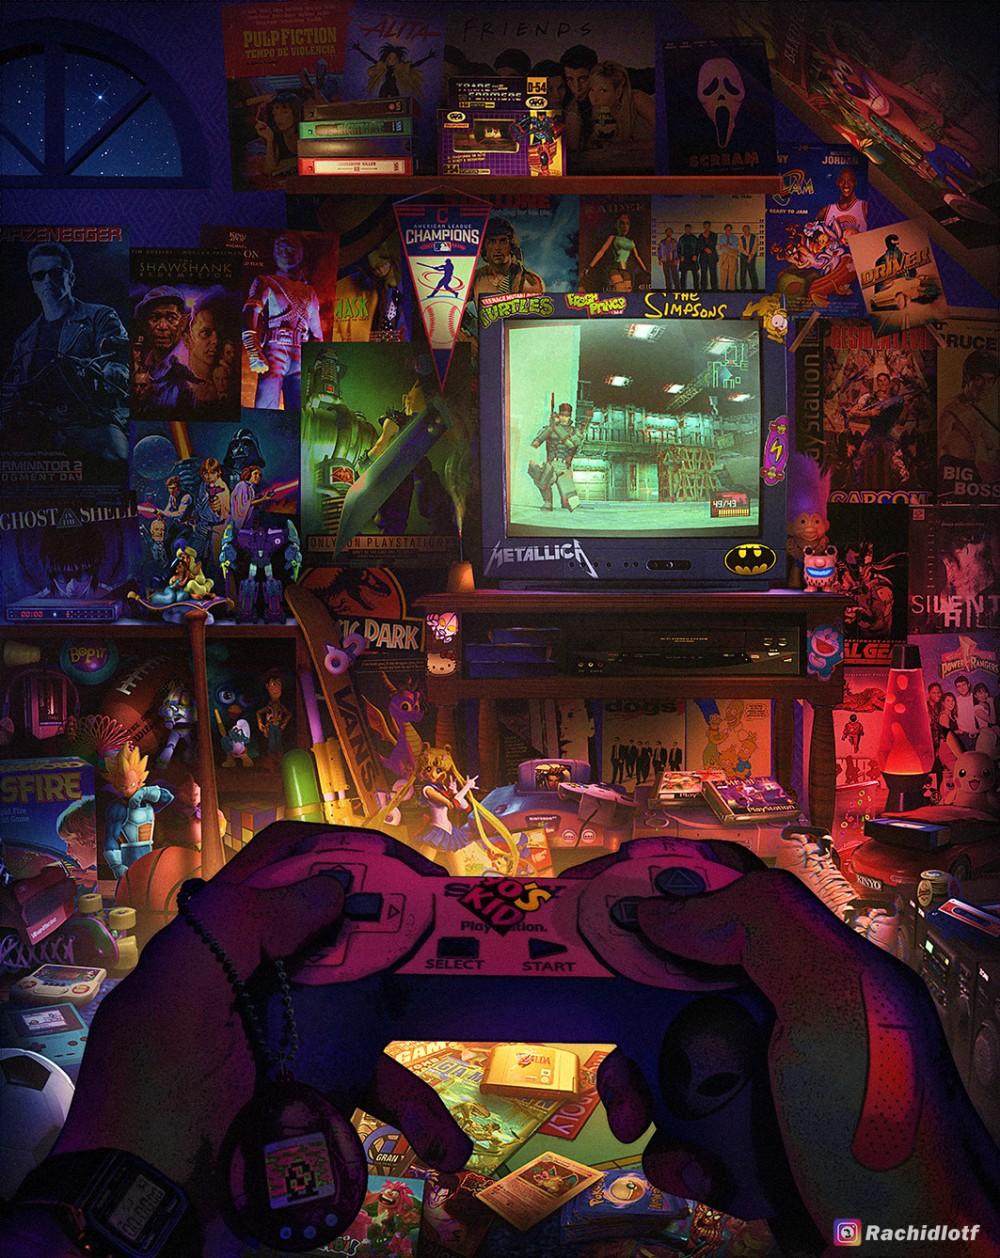 playstation_2-4791198.jpg